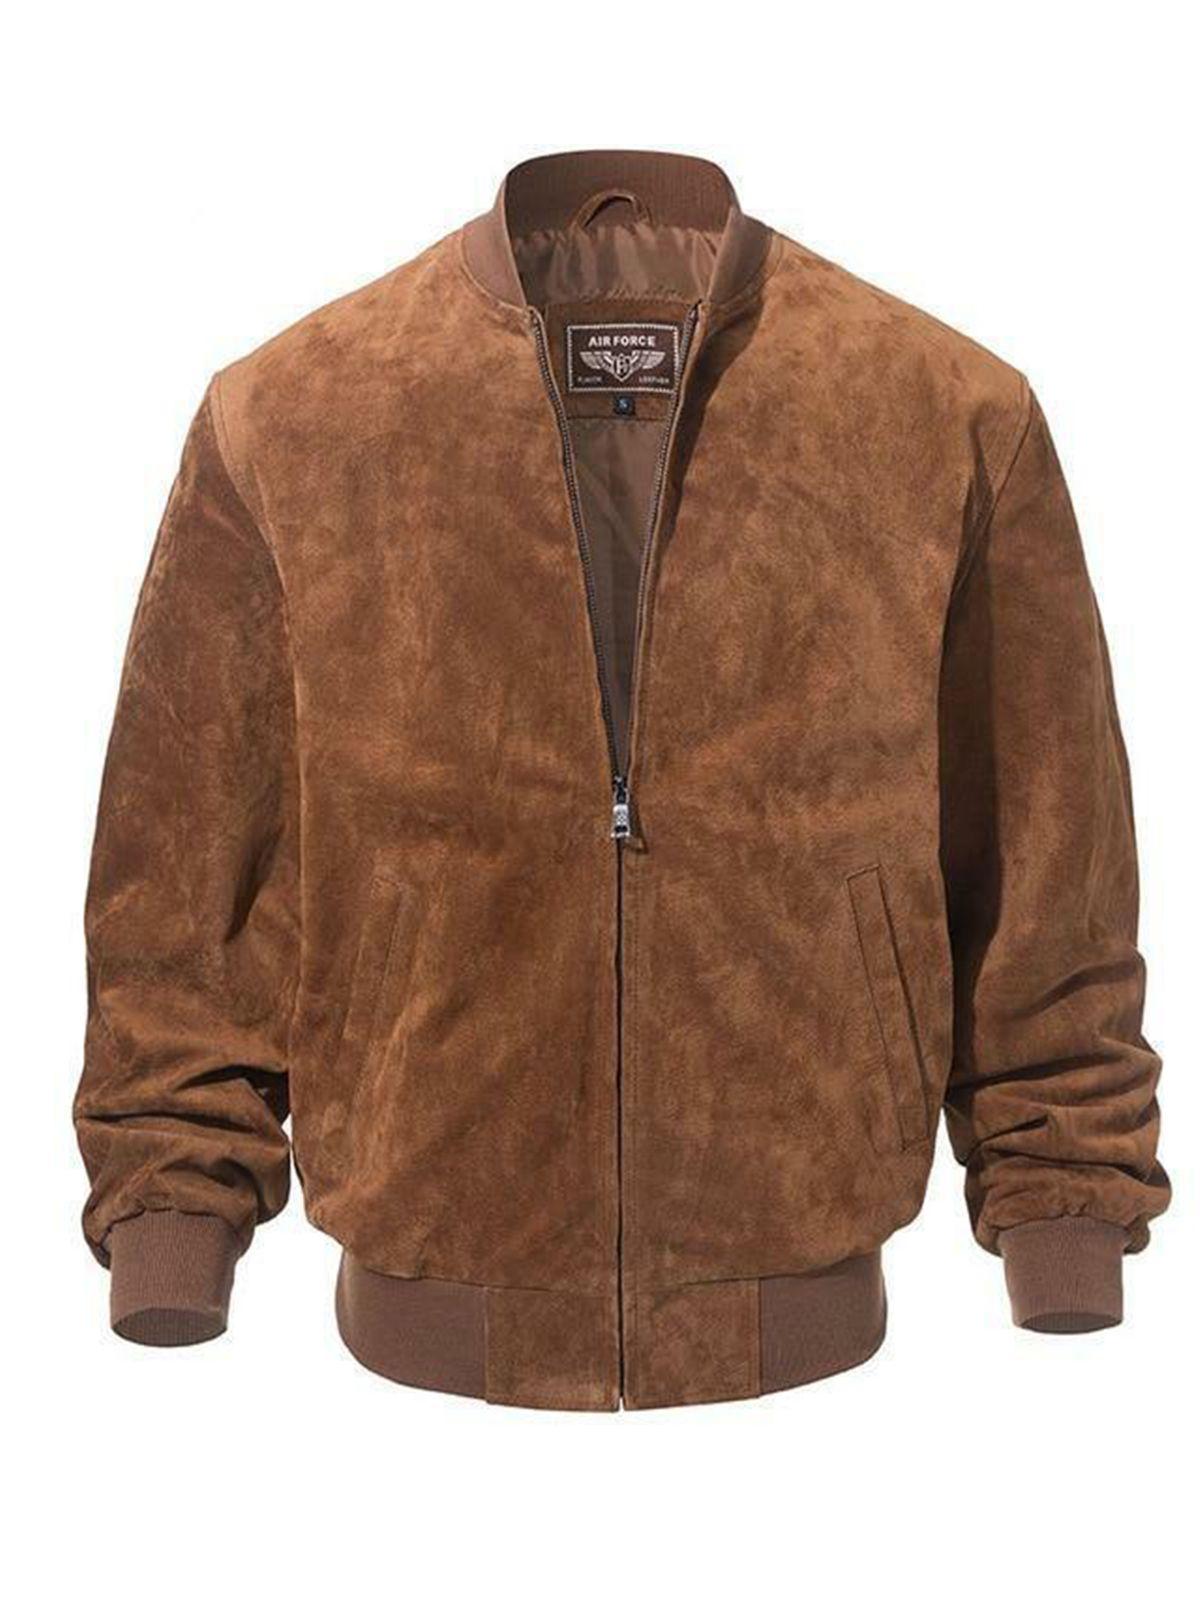 Adamsville Mens Brown Suede Bomber Jacket In 2021 Bomber Jacket Vintage Leather Bomber Jacket Suede Bomber Jacket [ 1600 x 1200 Pixel ]